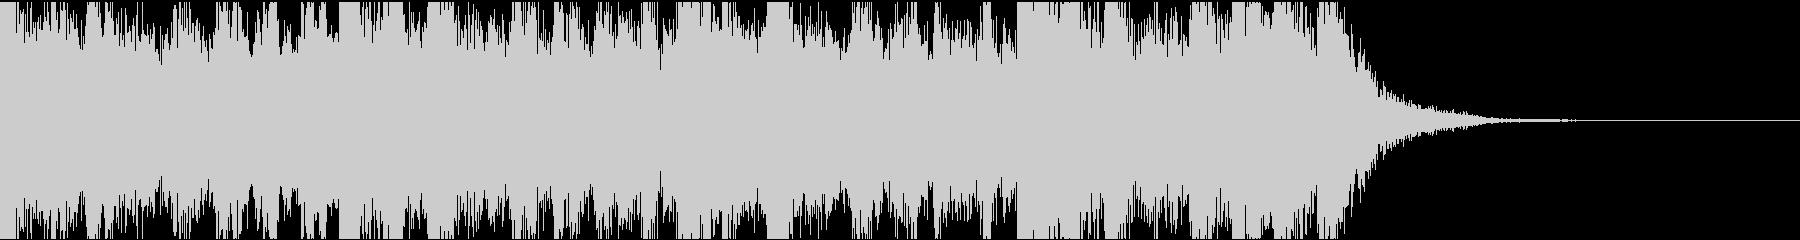 恐怖場面のオーケストラジングル(15秒)の未再生の波形